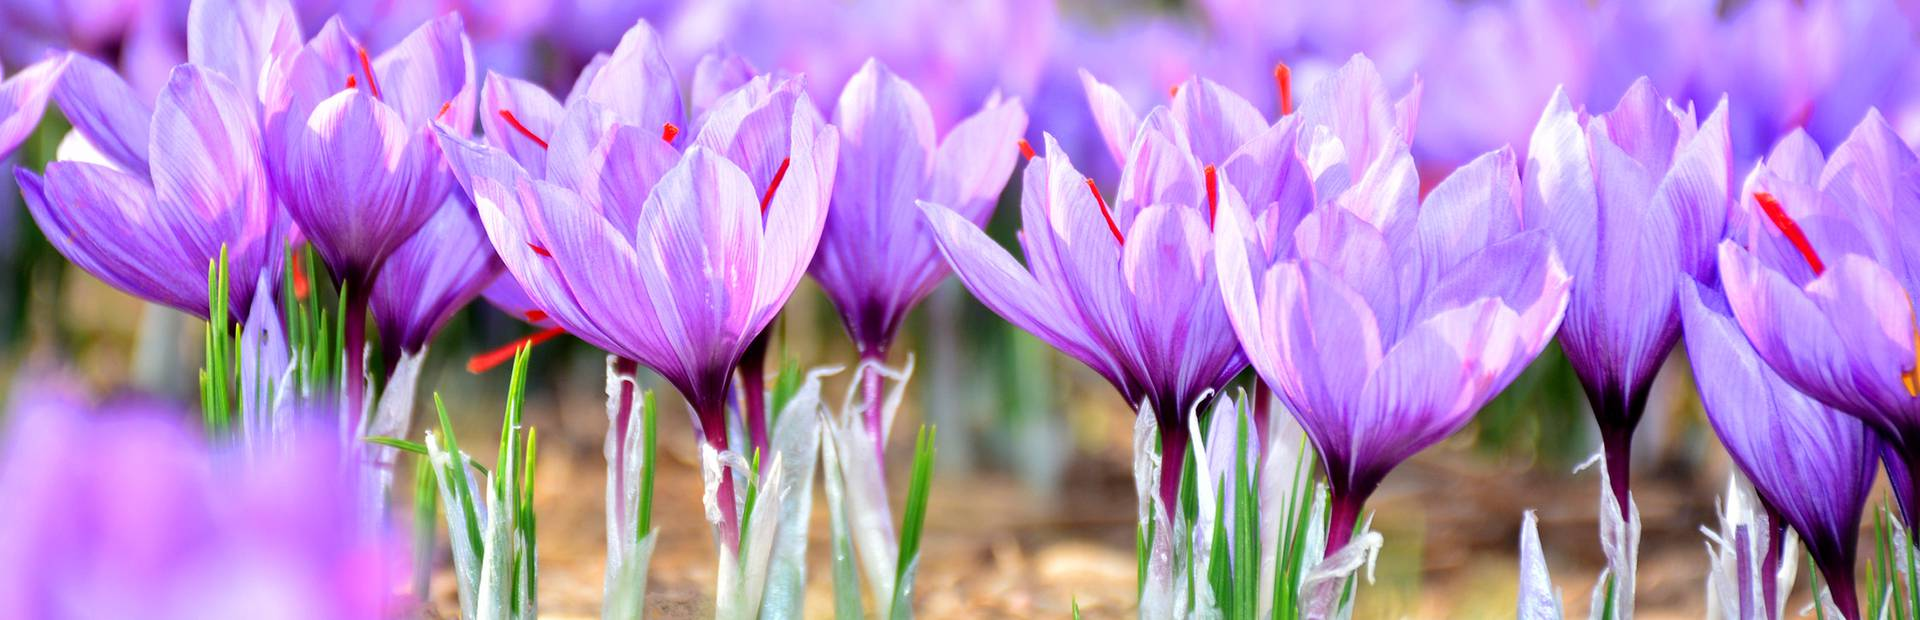 Safranblüten im Pays Bigouden © M Amiri